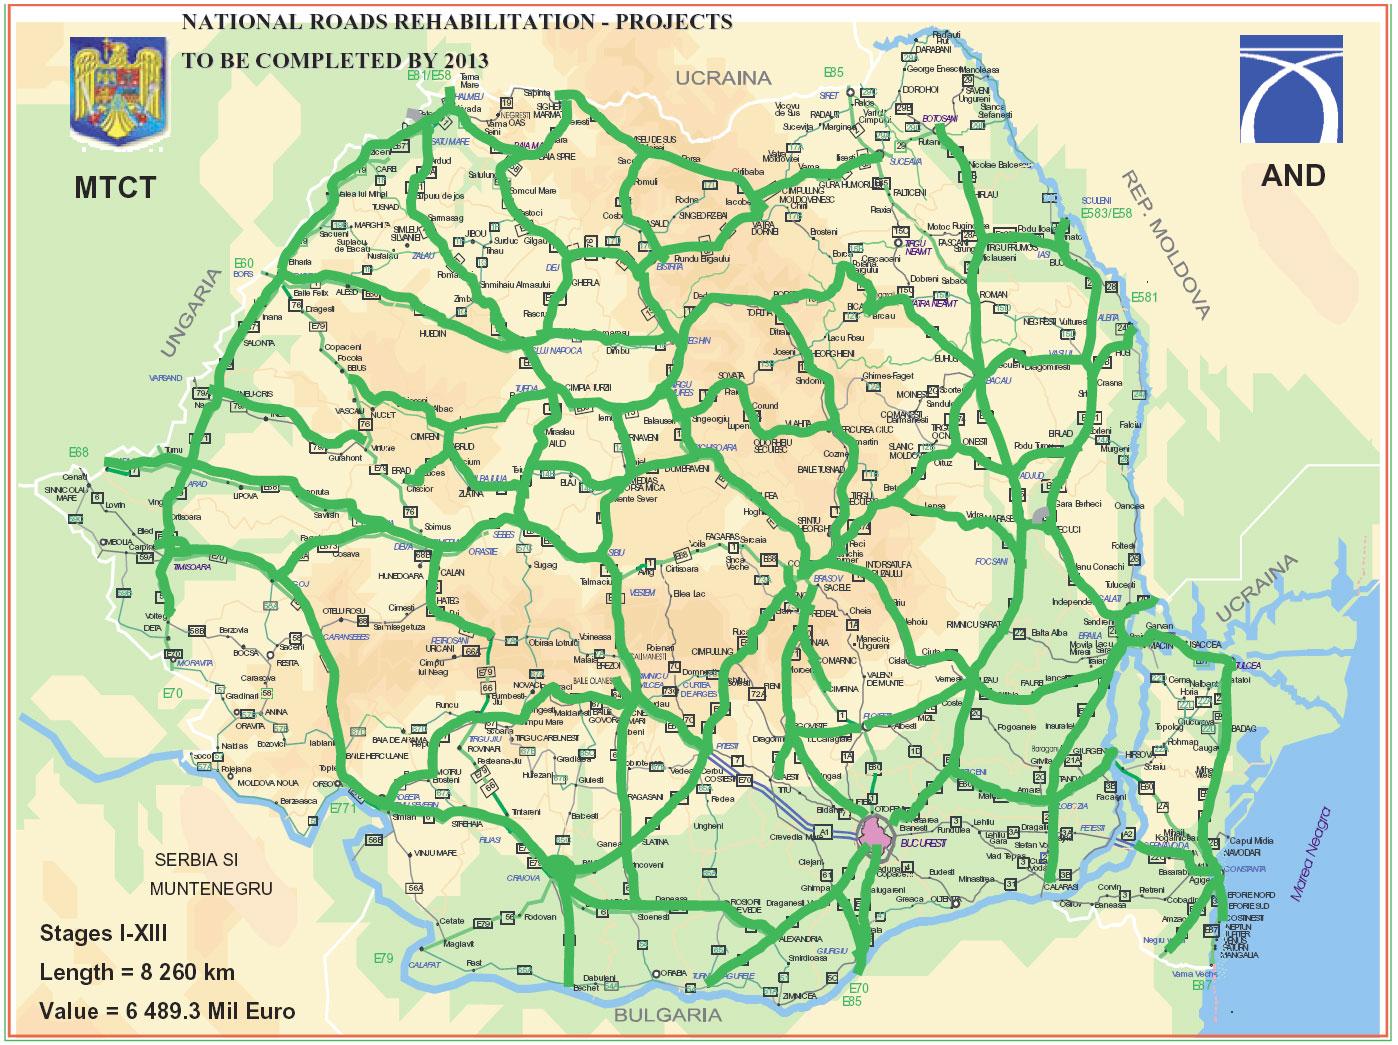 Harabizz Harta Drumurilor Rutiere Din Romania